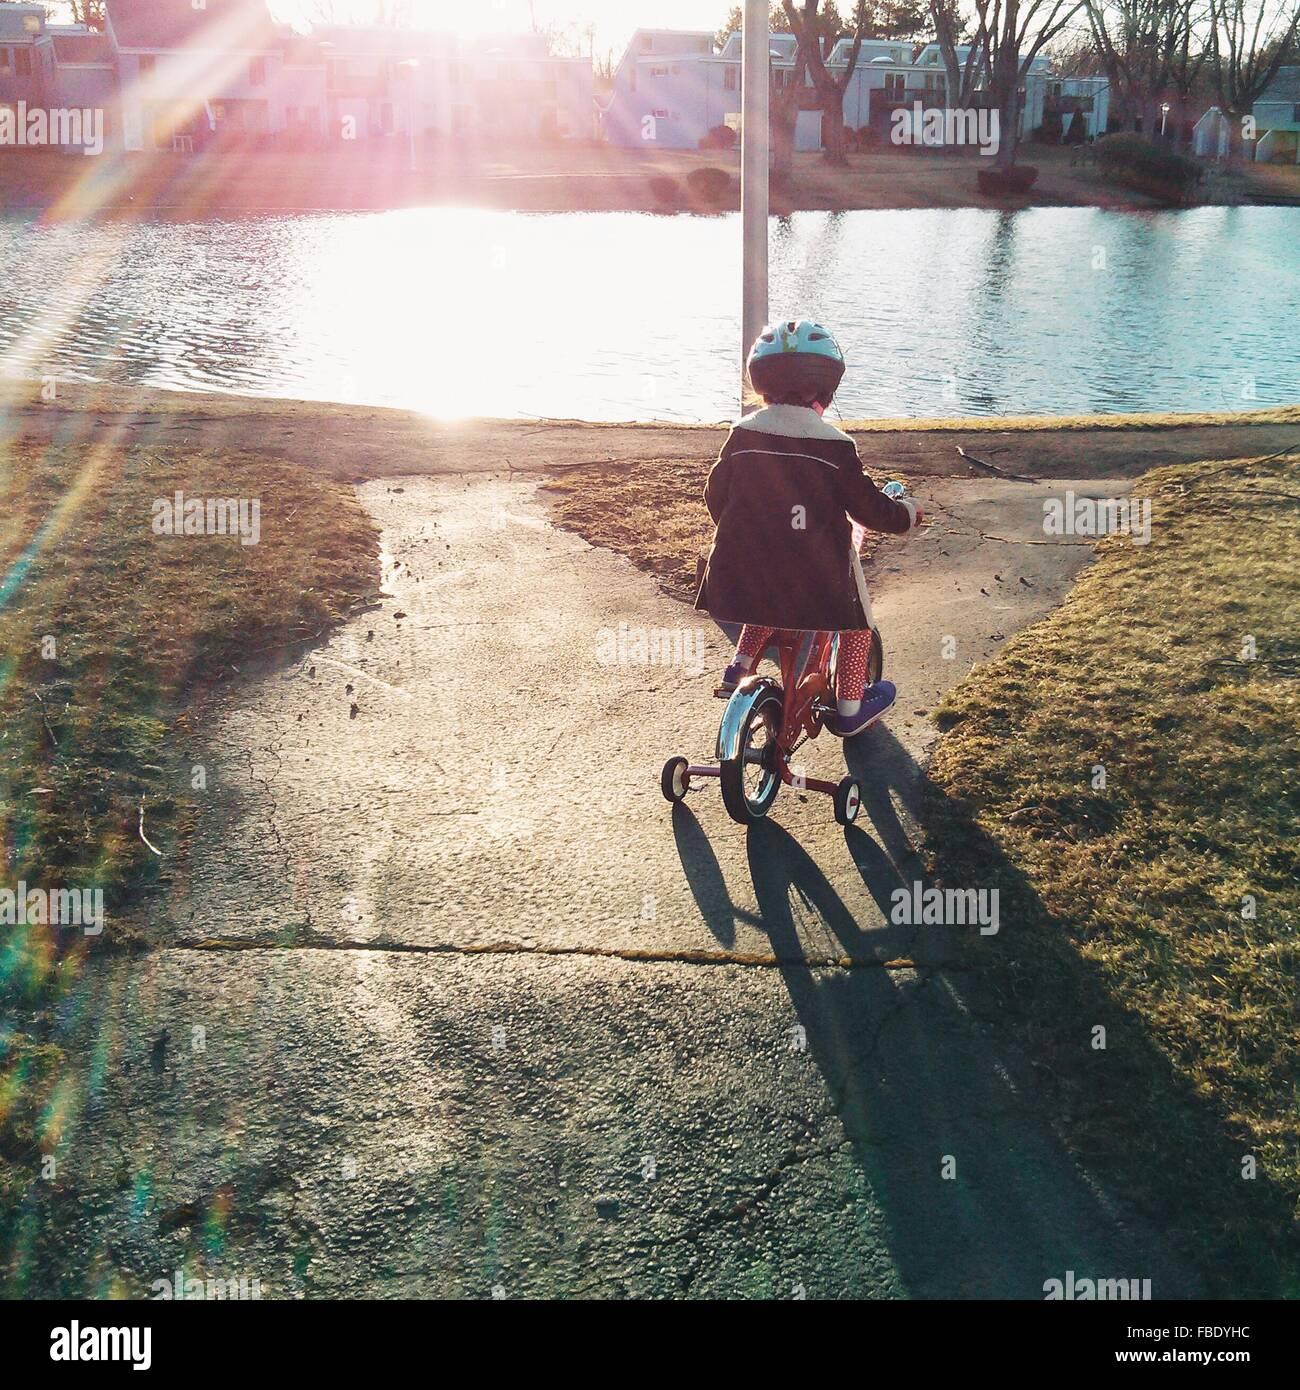 Un alto ángulo de vista de chica en bicicleta por el lago Imagen De Stock